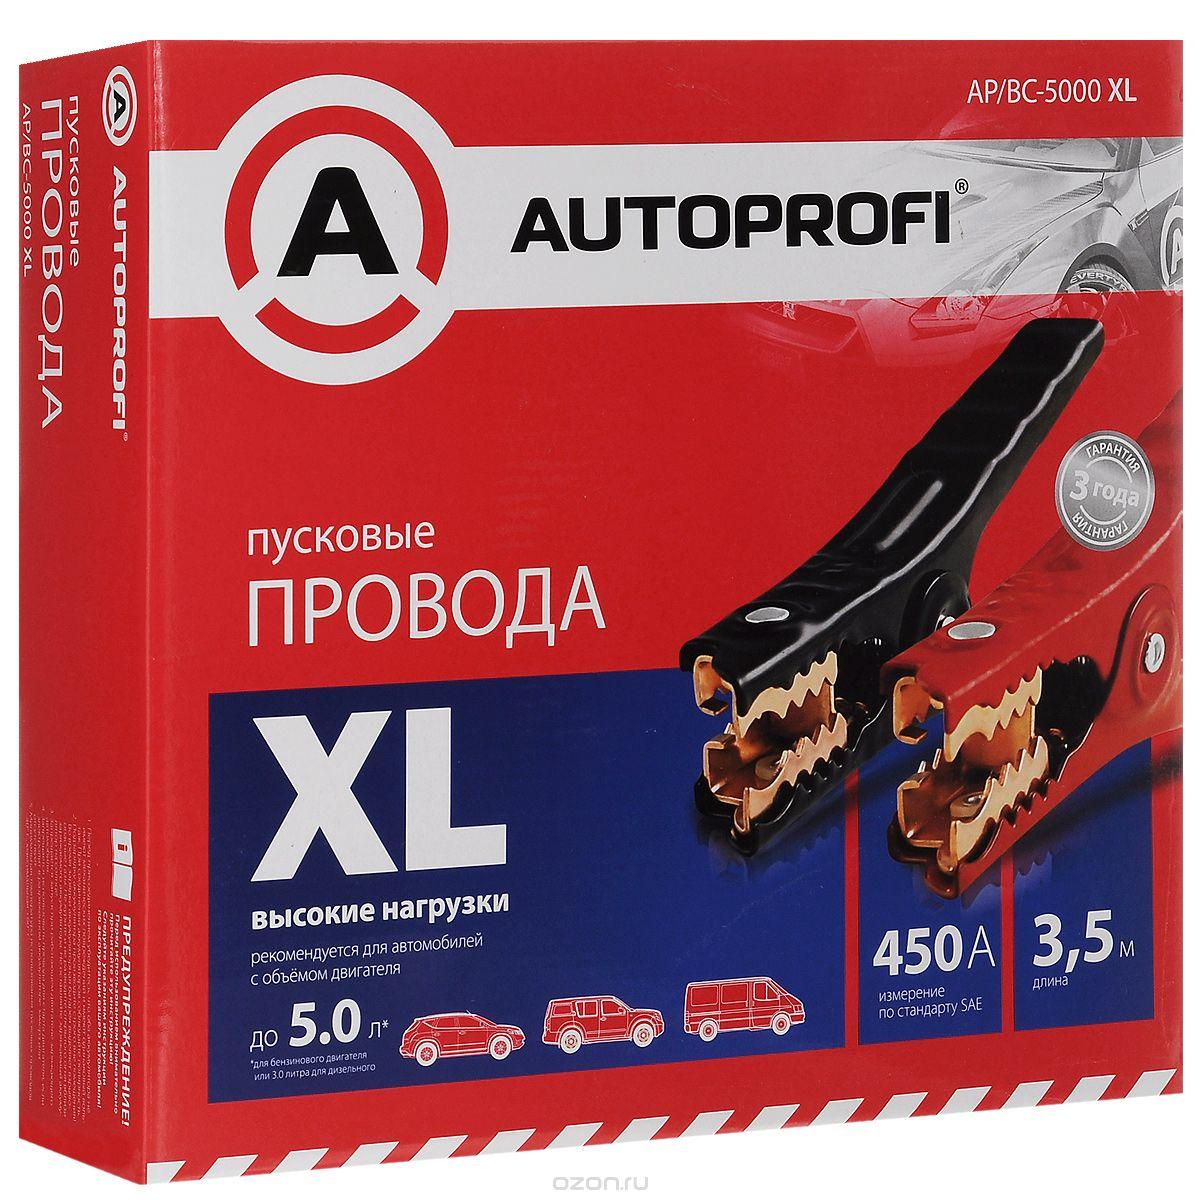 AUTOPROFI Провода пусковые, высокой нагрузки 450A 3,5м